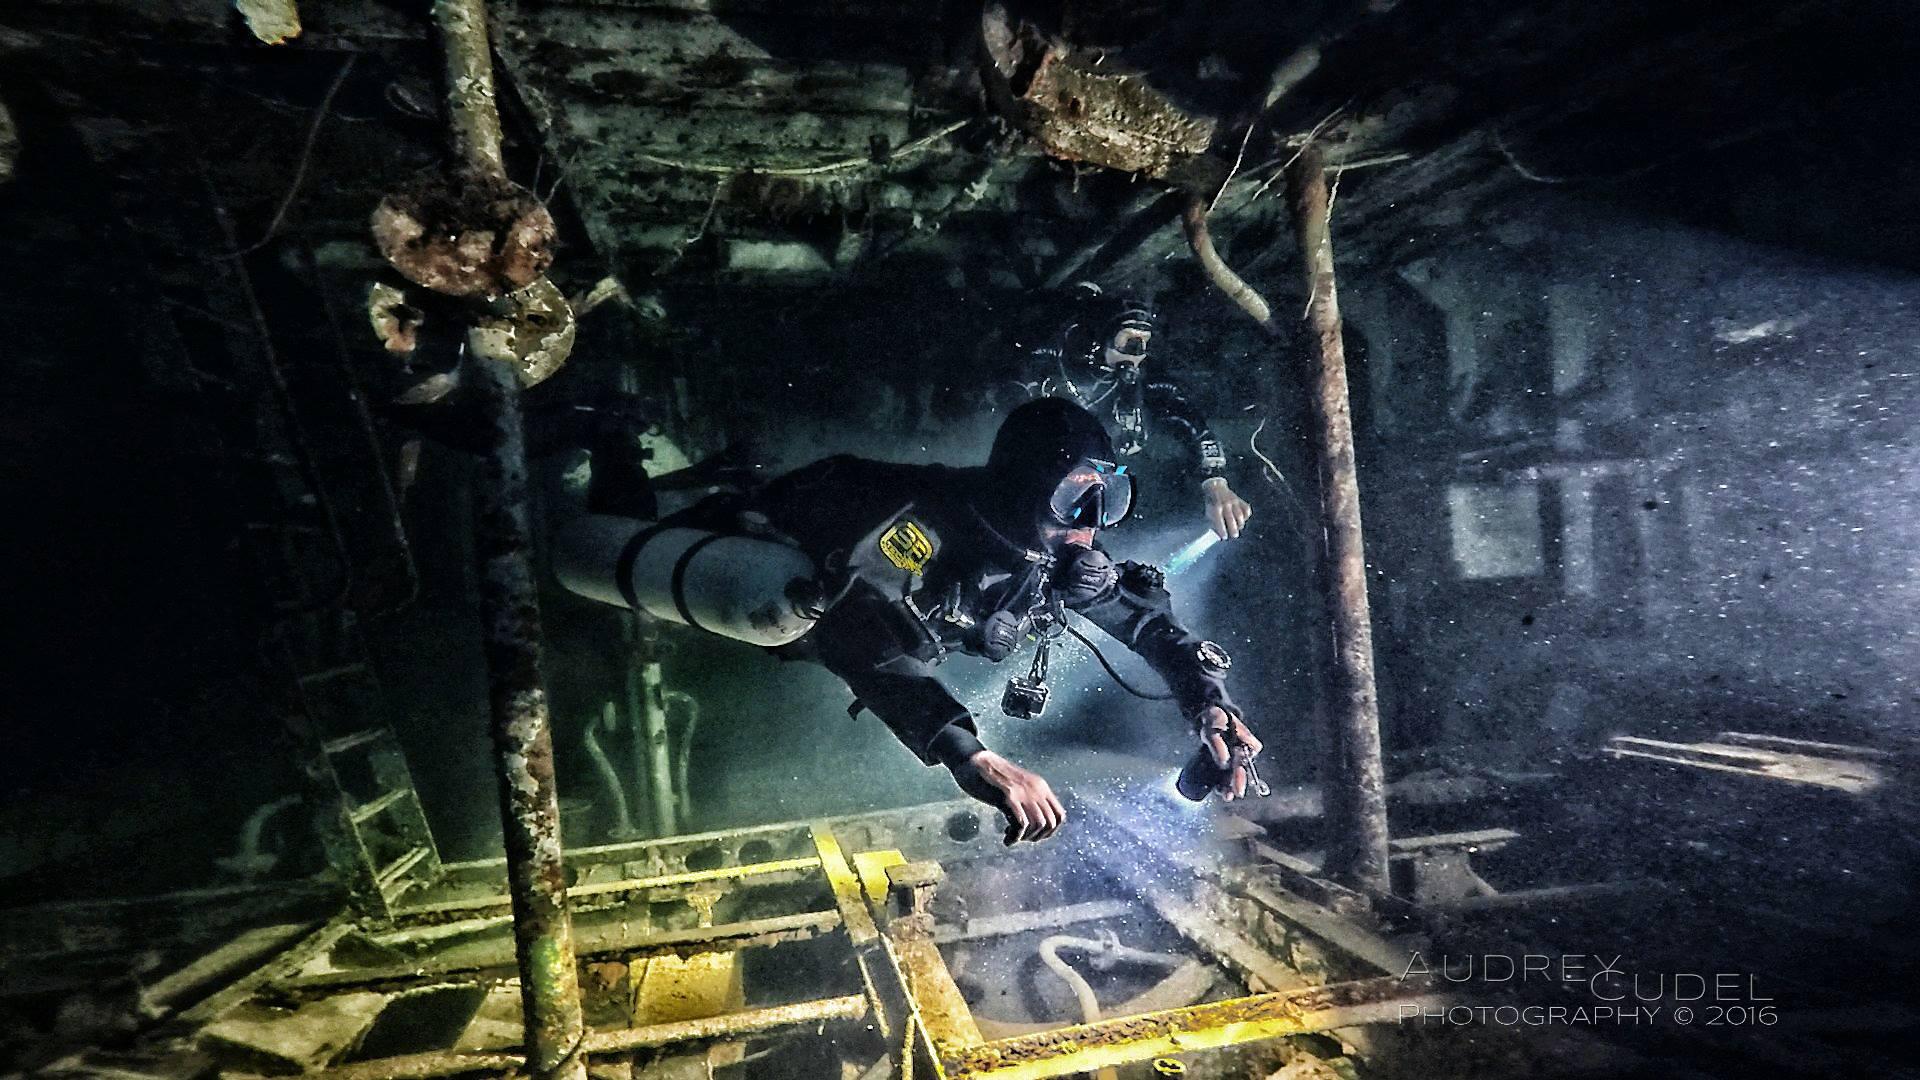 Sidemount Wreck Diving